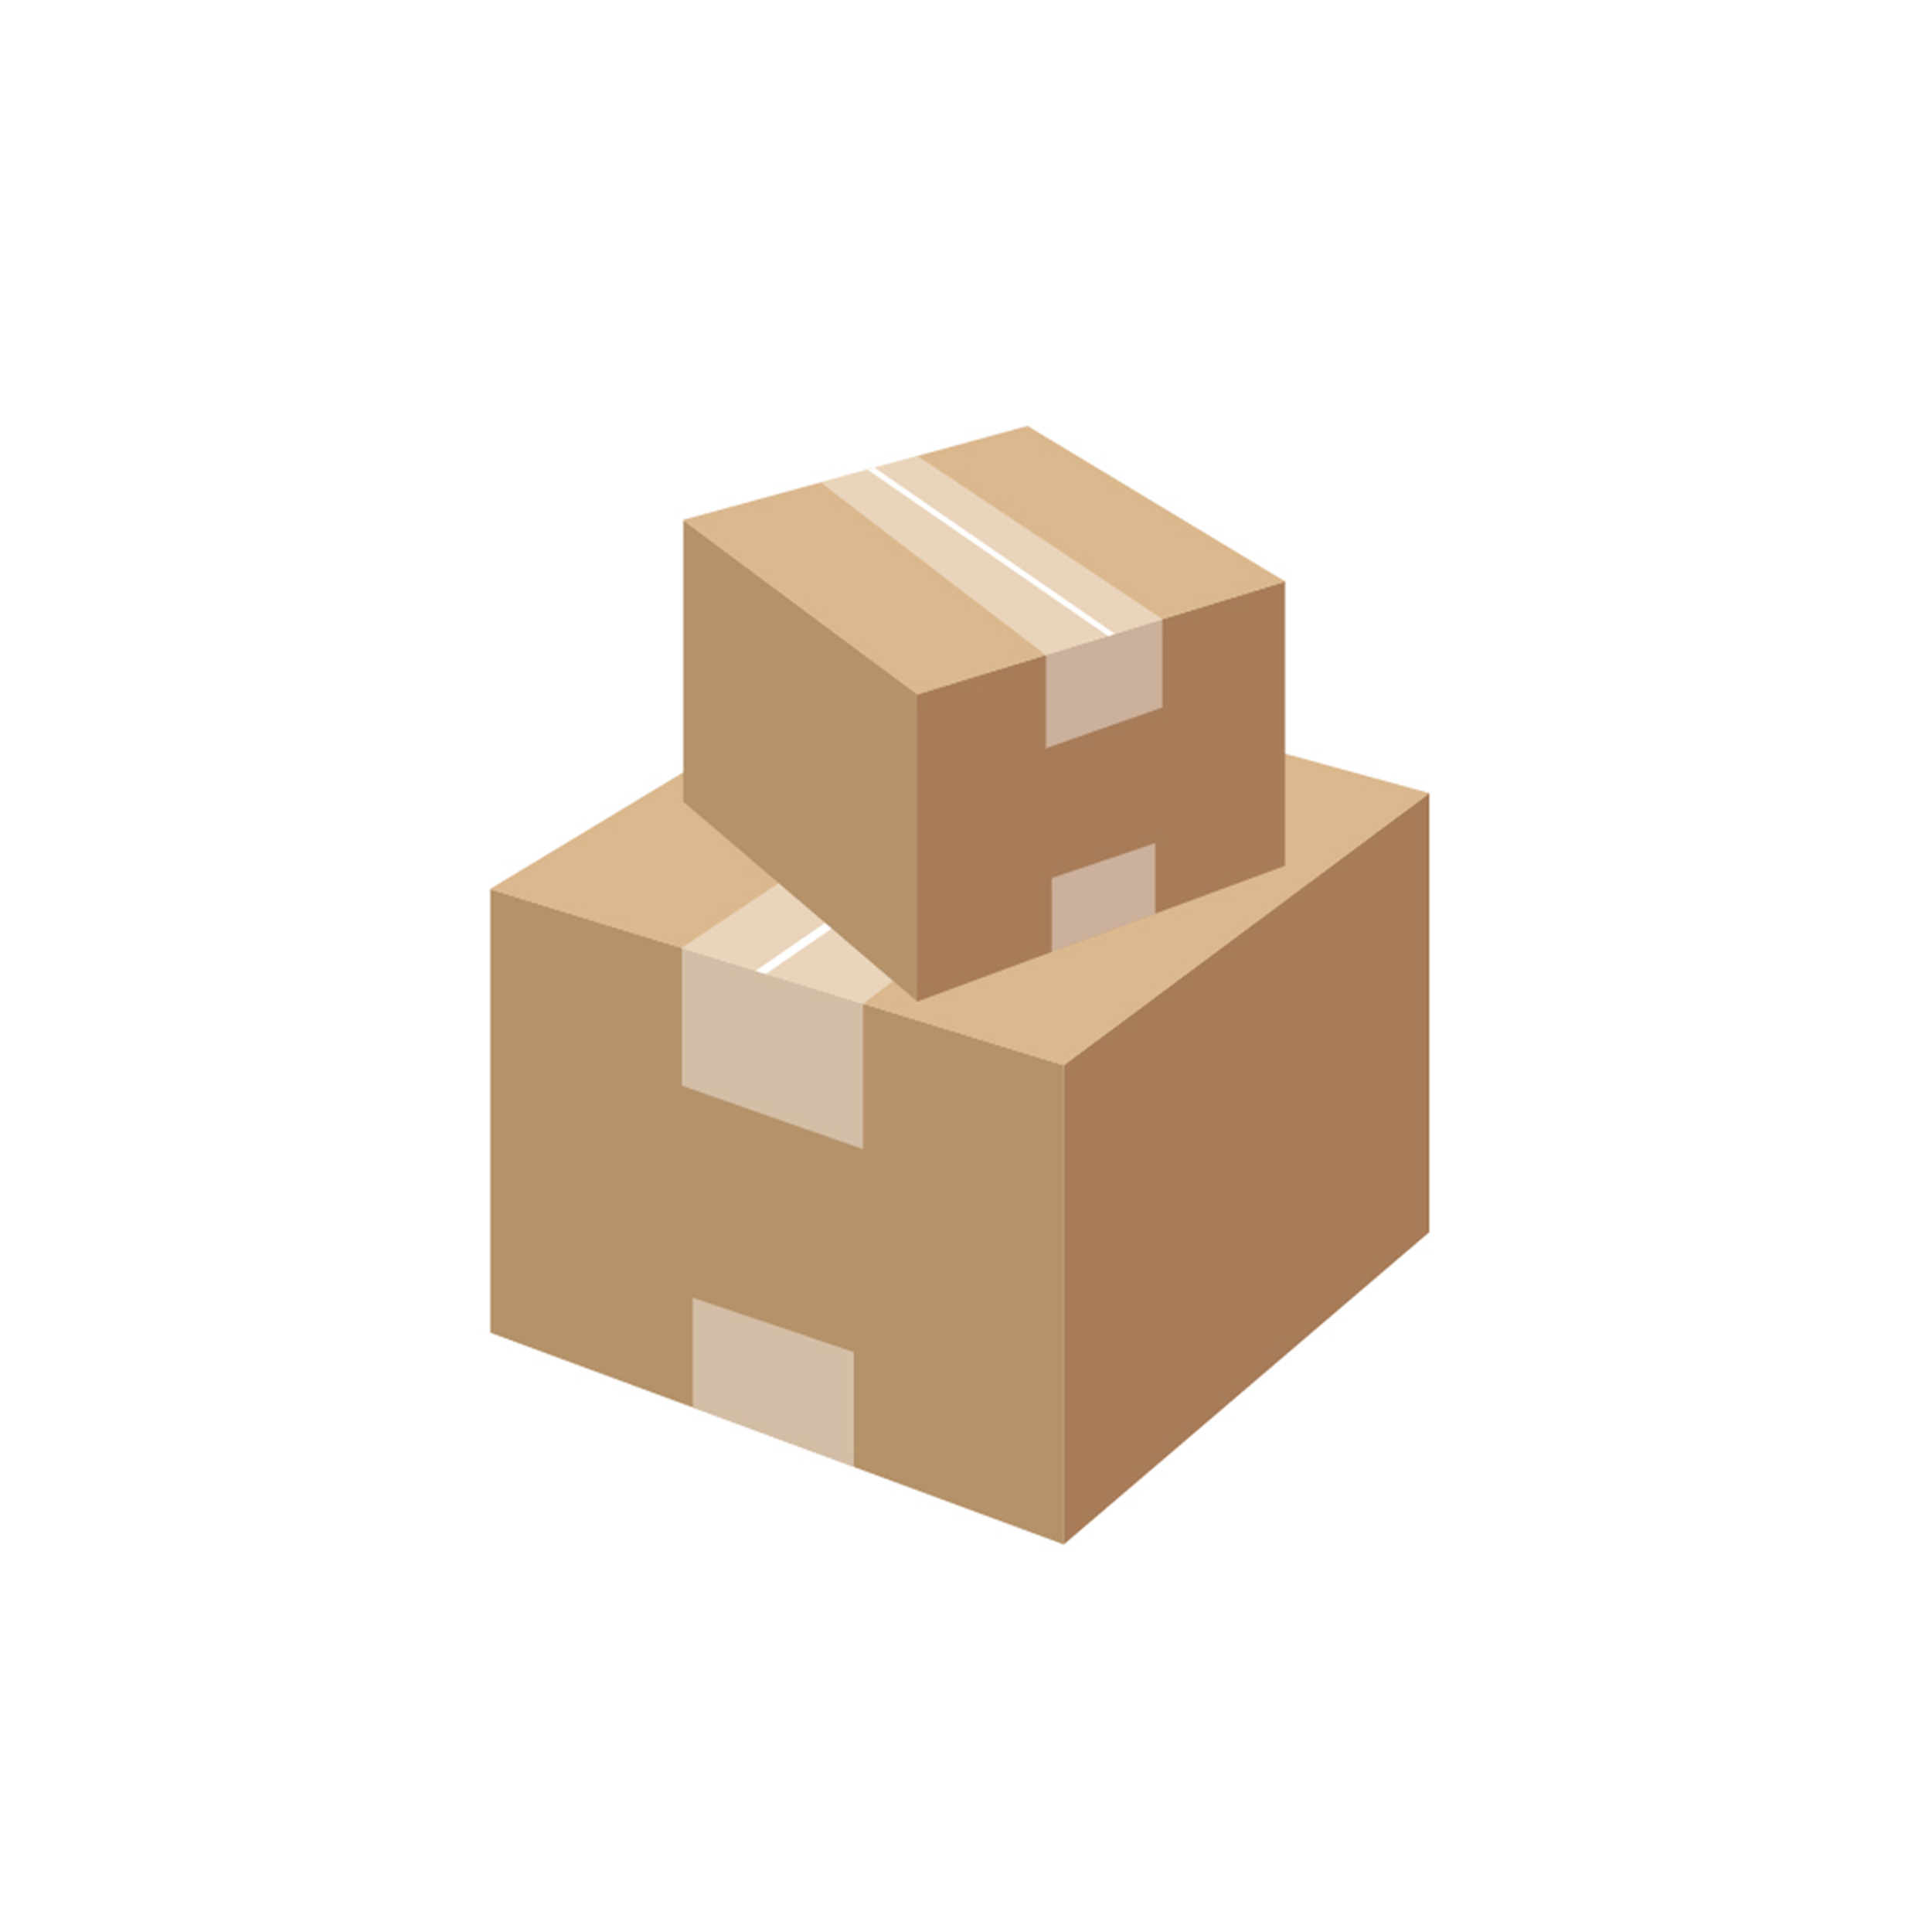 JV_Box.png